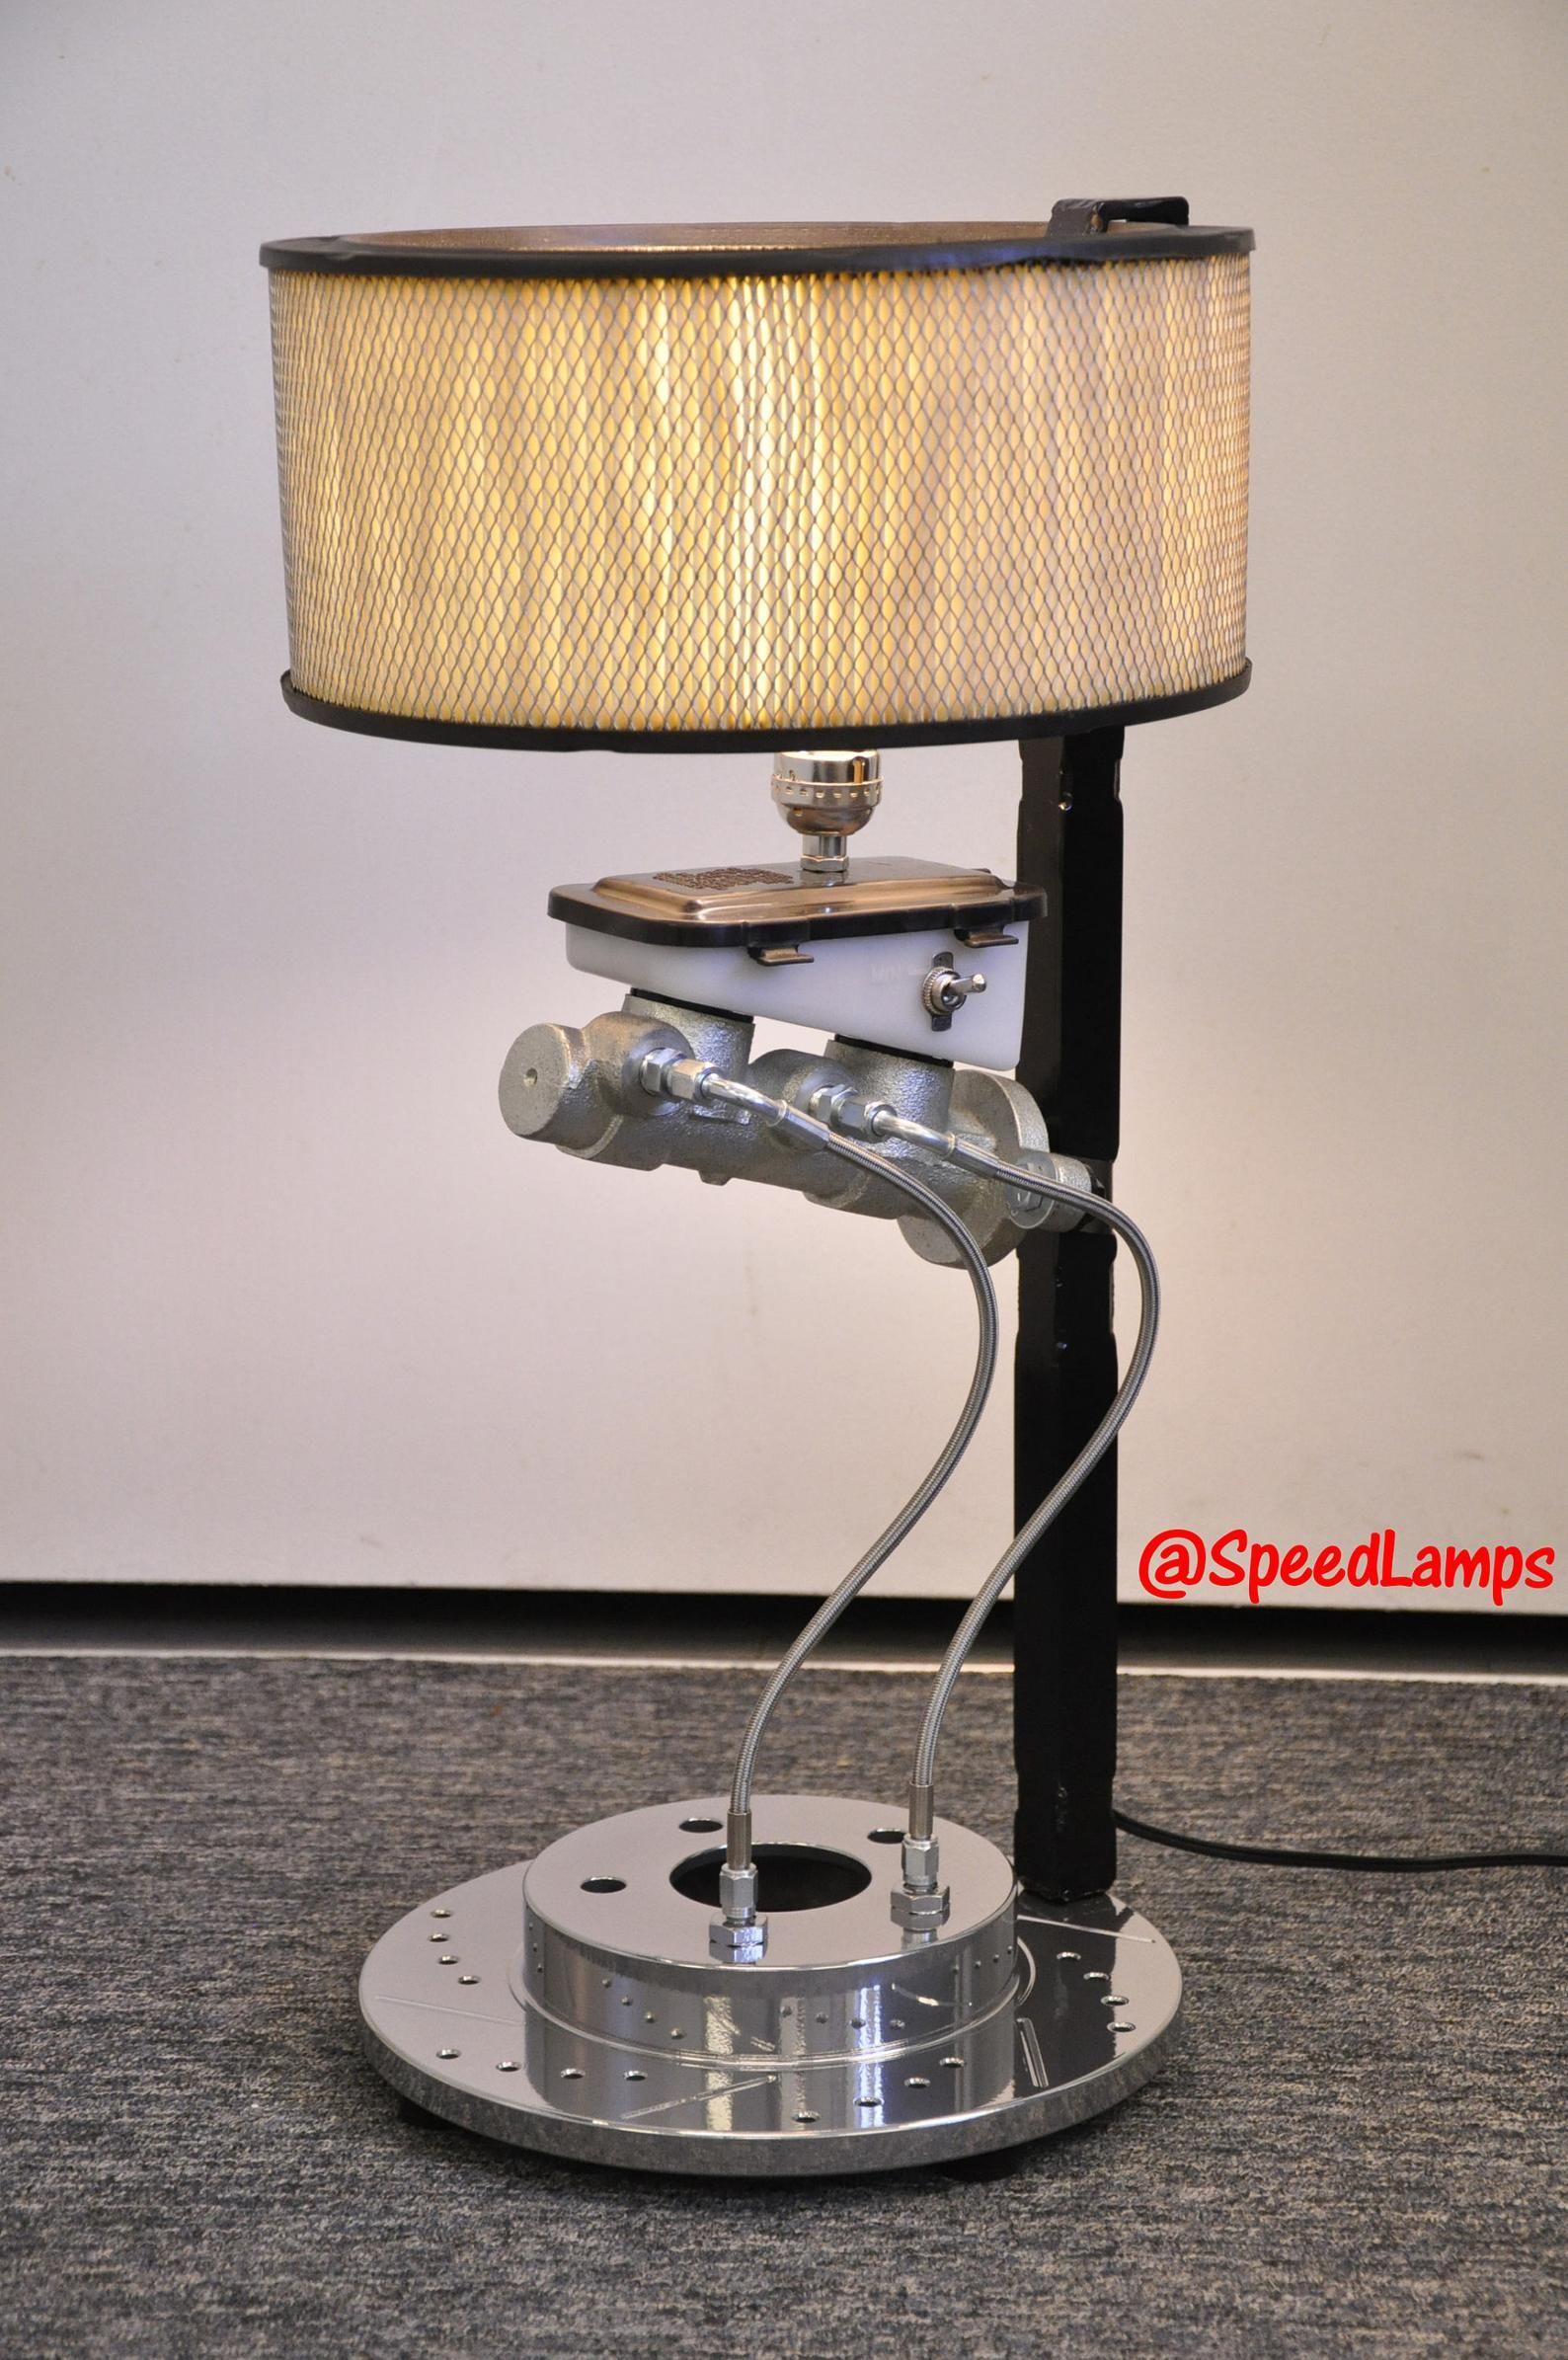 Maitre Cylindre Lampe Par Des Lampes De Vitesse Pieces De Etsy Automotive Decor Automotive Furniture Car Parts Decor